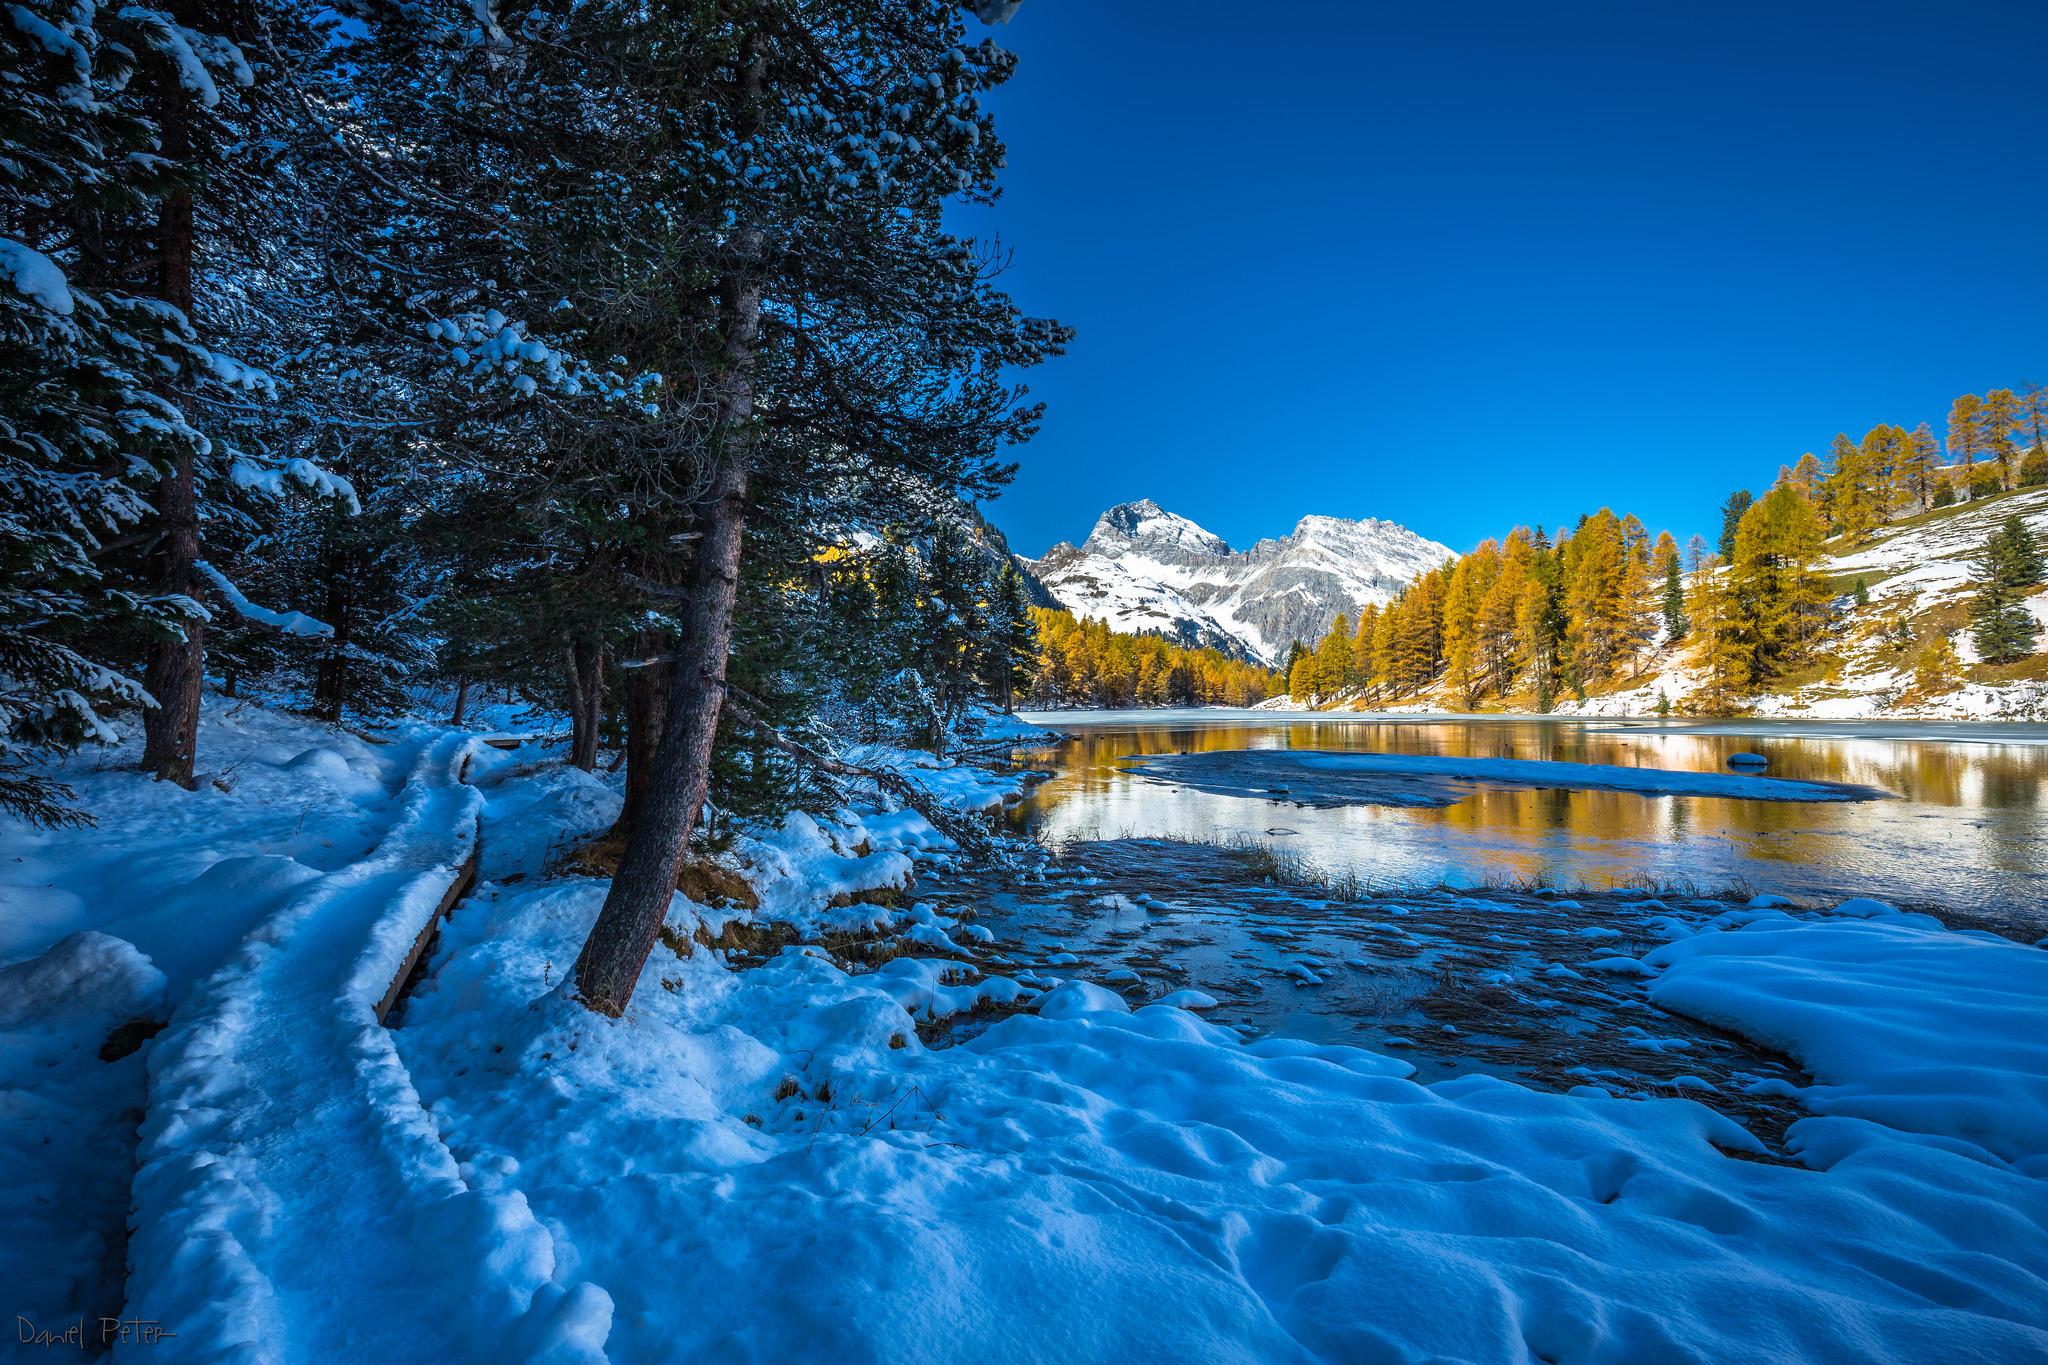 обои зима, река, деревья, горы картинки фото